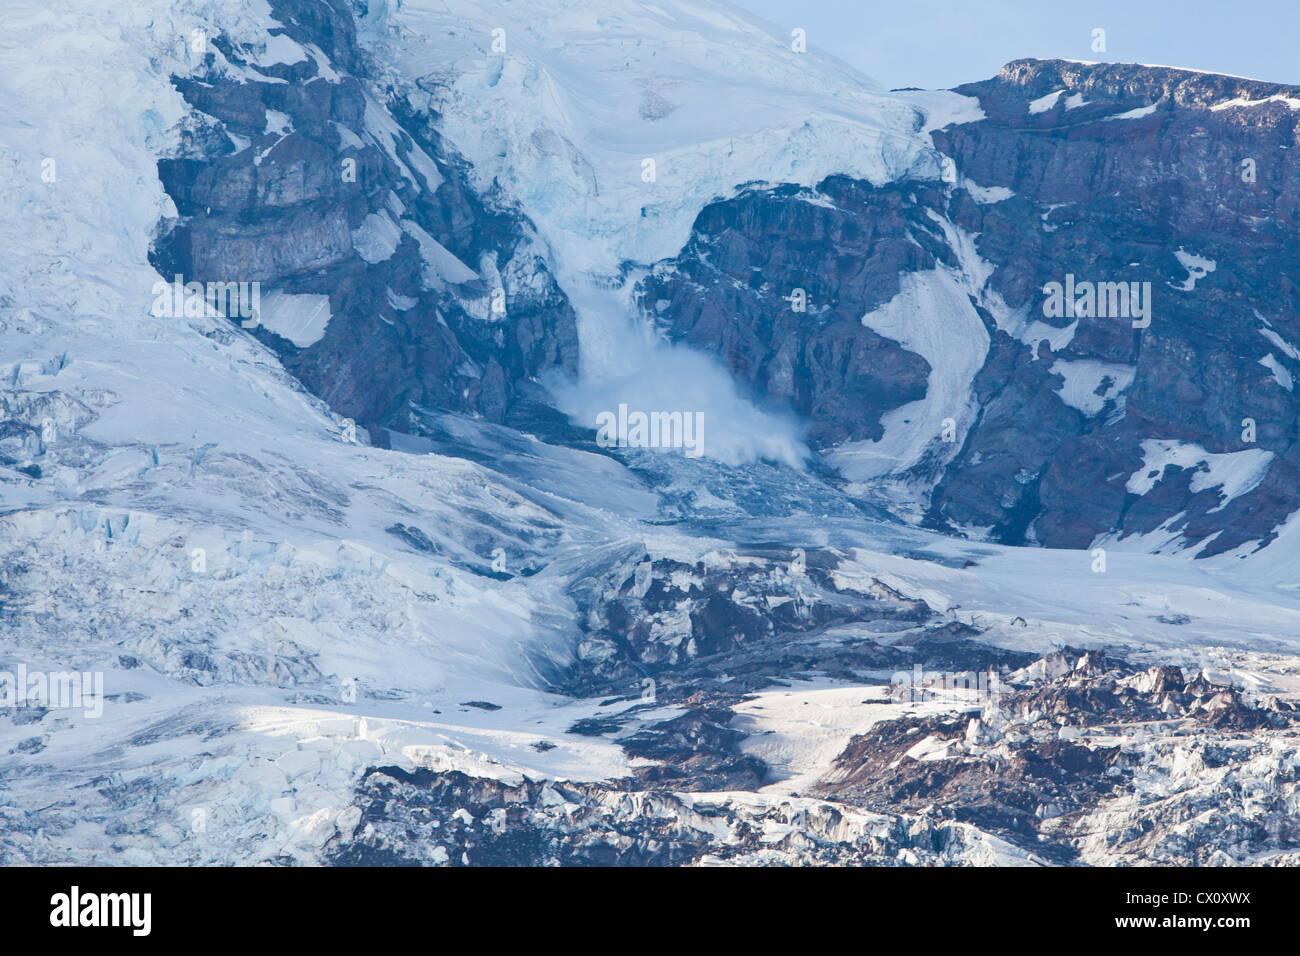 Ein Eis Herbst / Lawine auf dem Nisqually Gletscher, Mount Rainier, Washington, USA. Stockbild